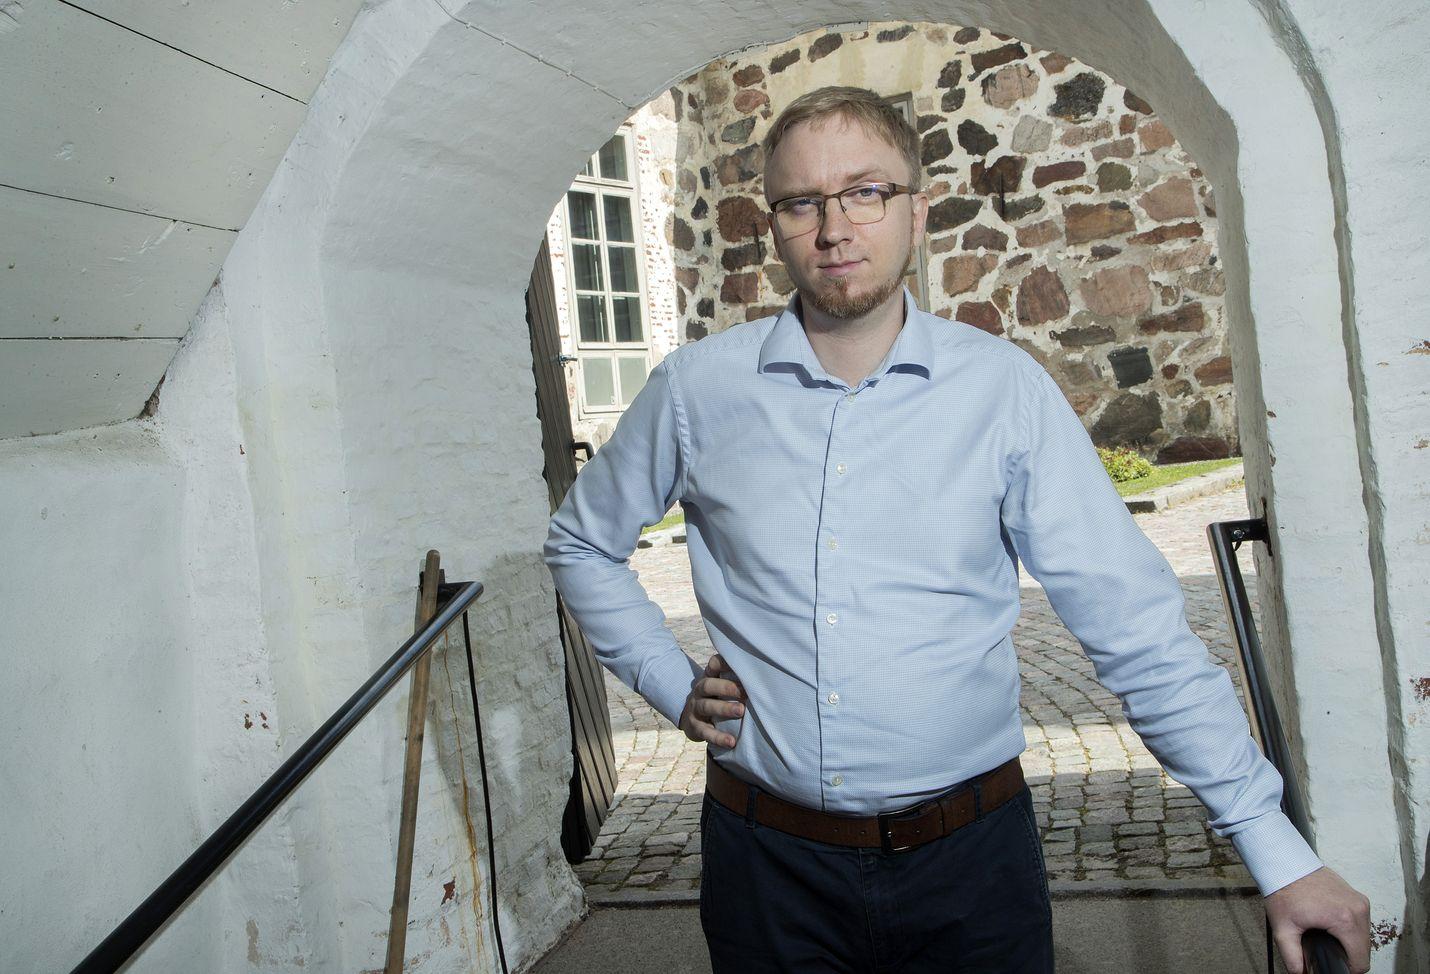 Sinisistä eroava Simon Elo aikoo keskittyä kuntapolitiikkaan ja opiskeluun. Hän jatkaa sinisten valtuustoryhmässä sitoutumattomana.